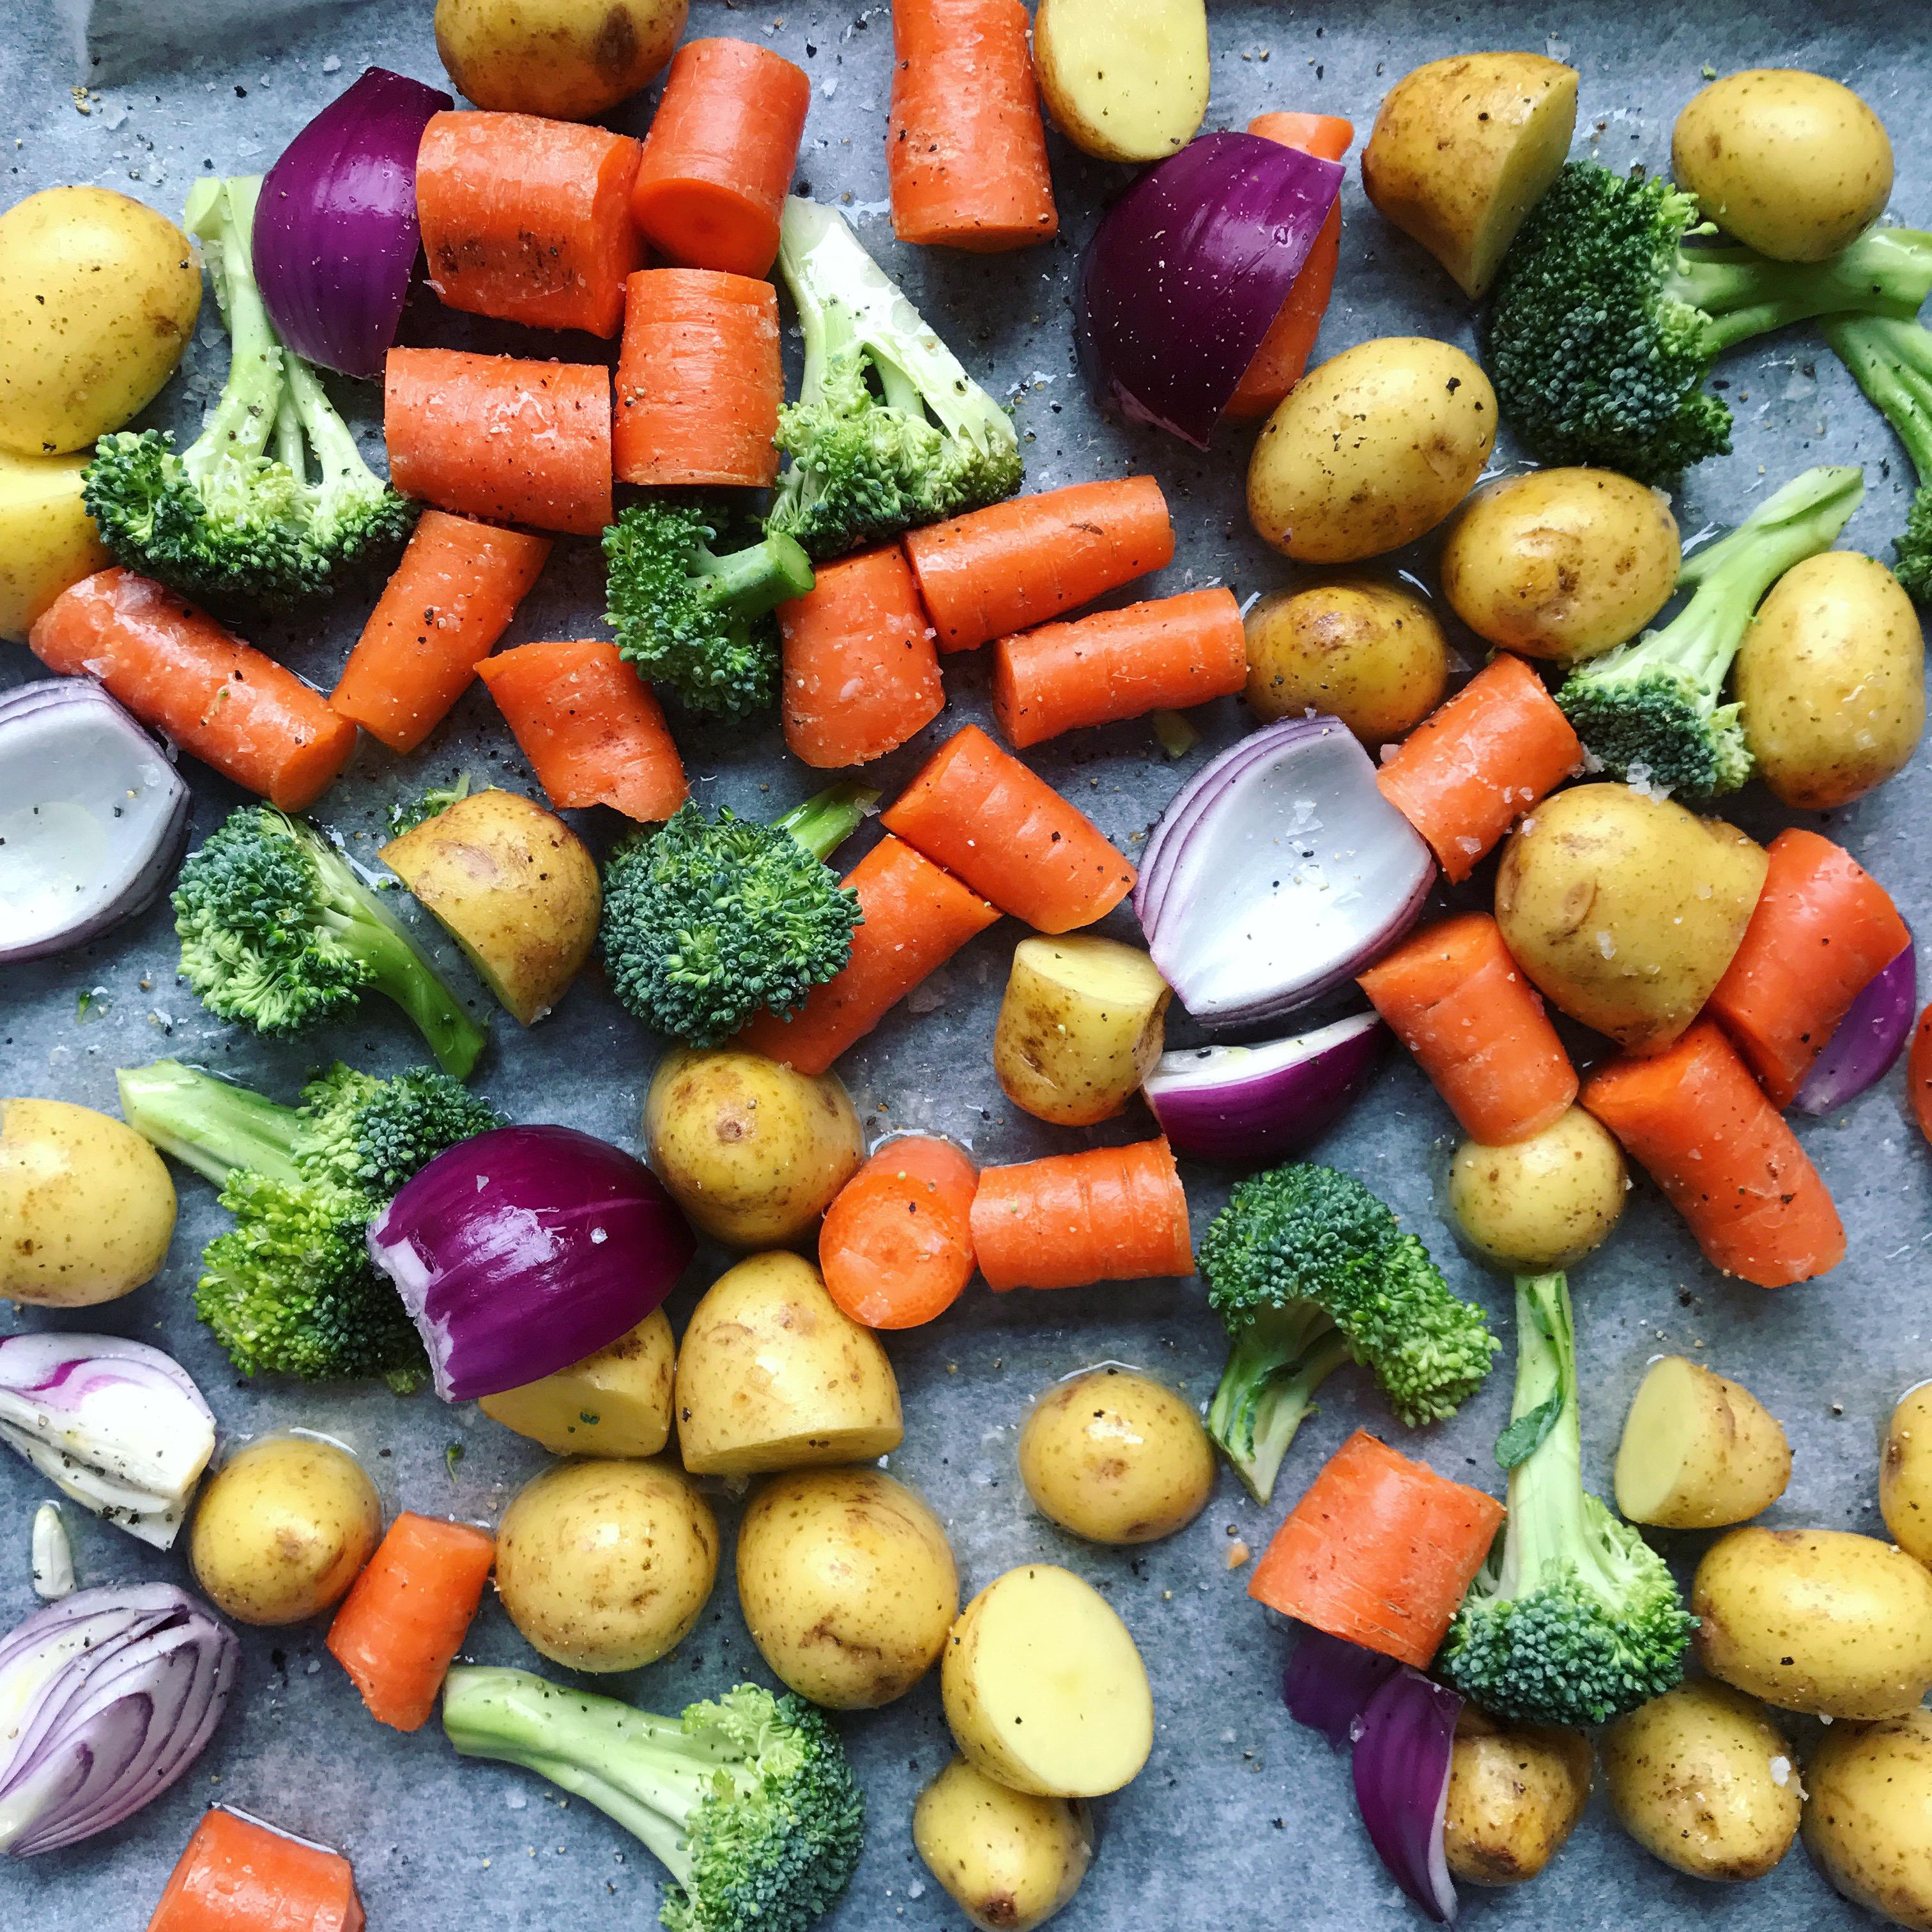 Ovnbagte Kartofler Og Grøntsager Tilbehør Til Aftensmaden